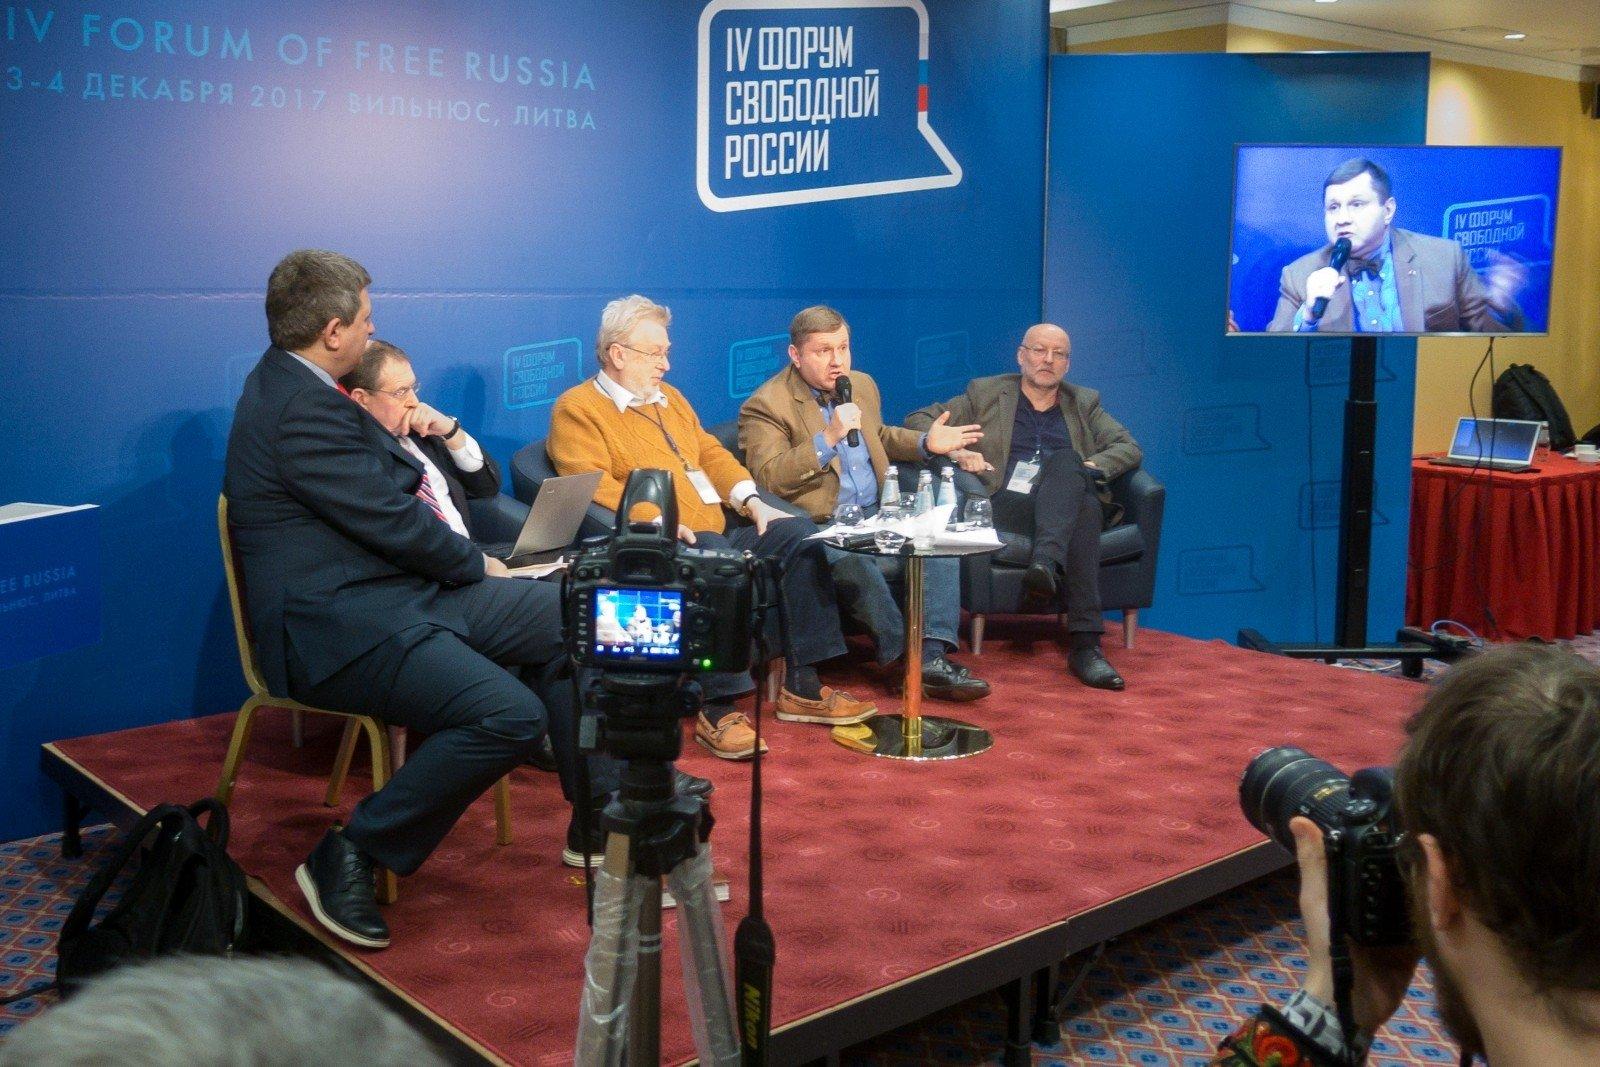 «Апрельские тезисы»: развалить Россию на княжества и их стравить — съезд несистемной оппозиции в